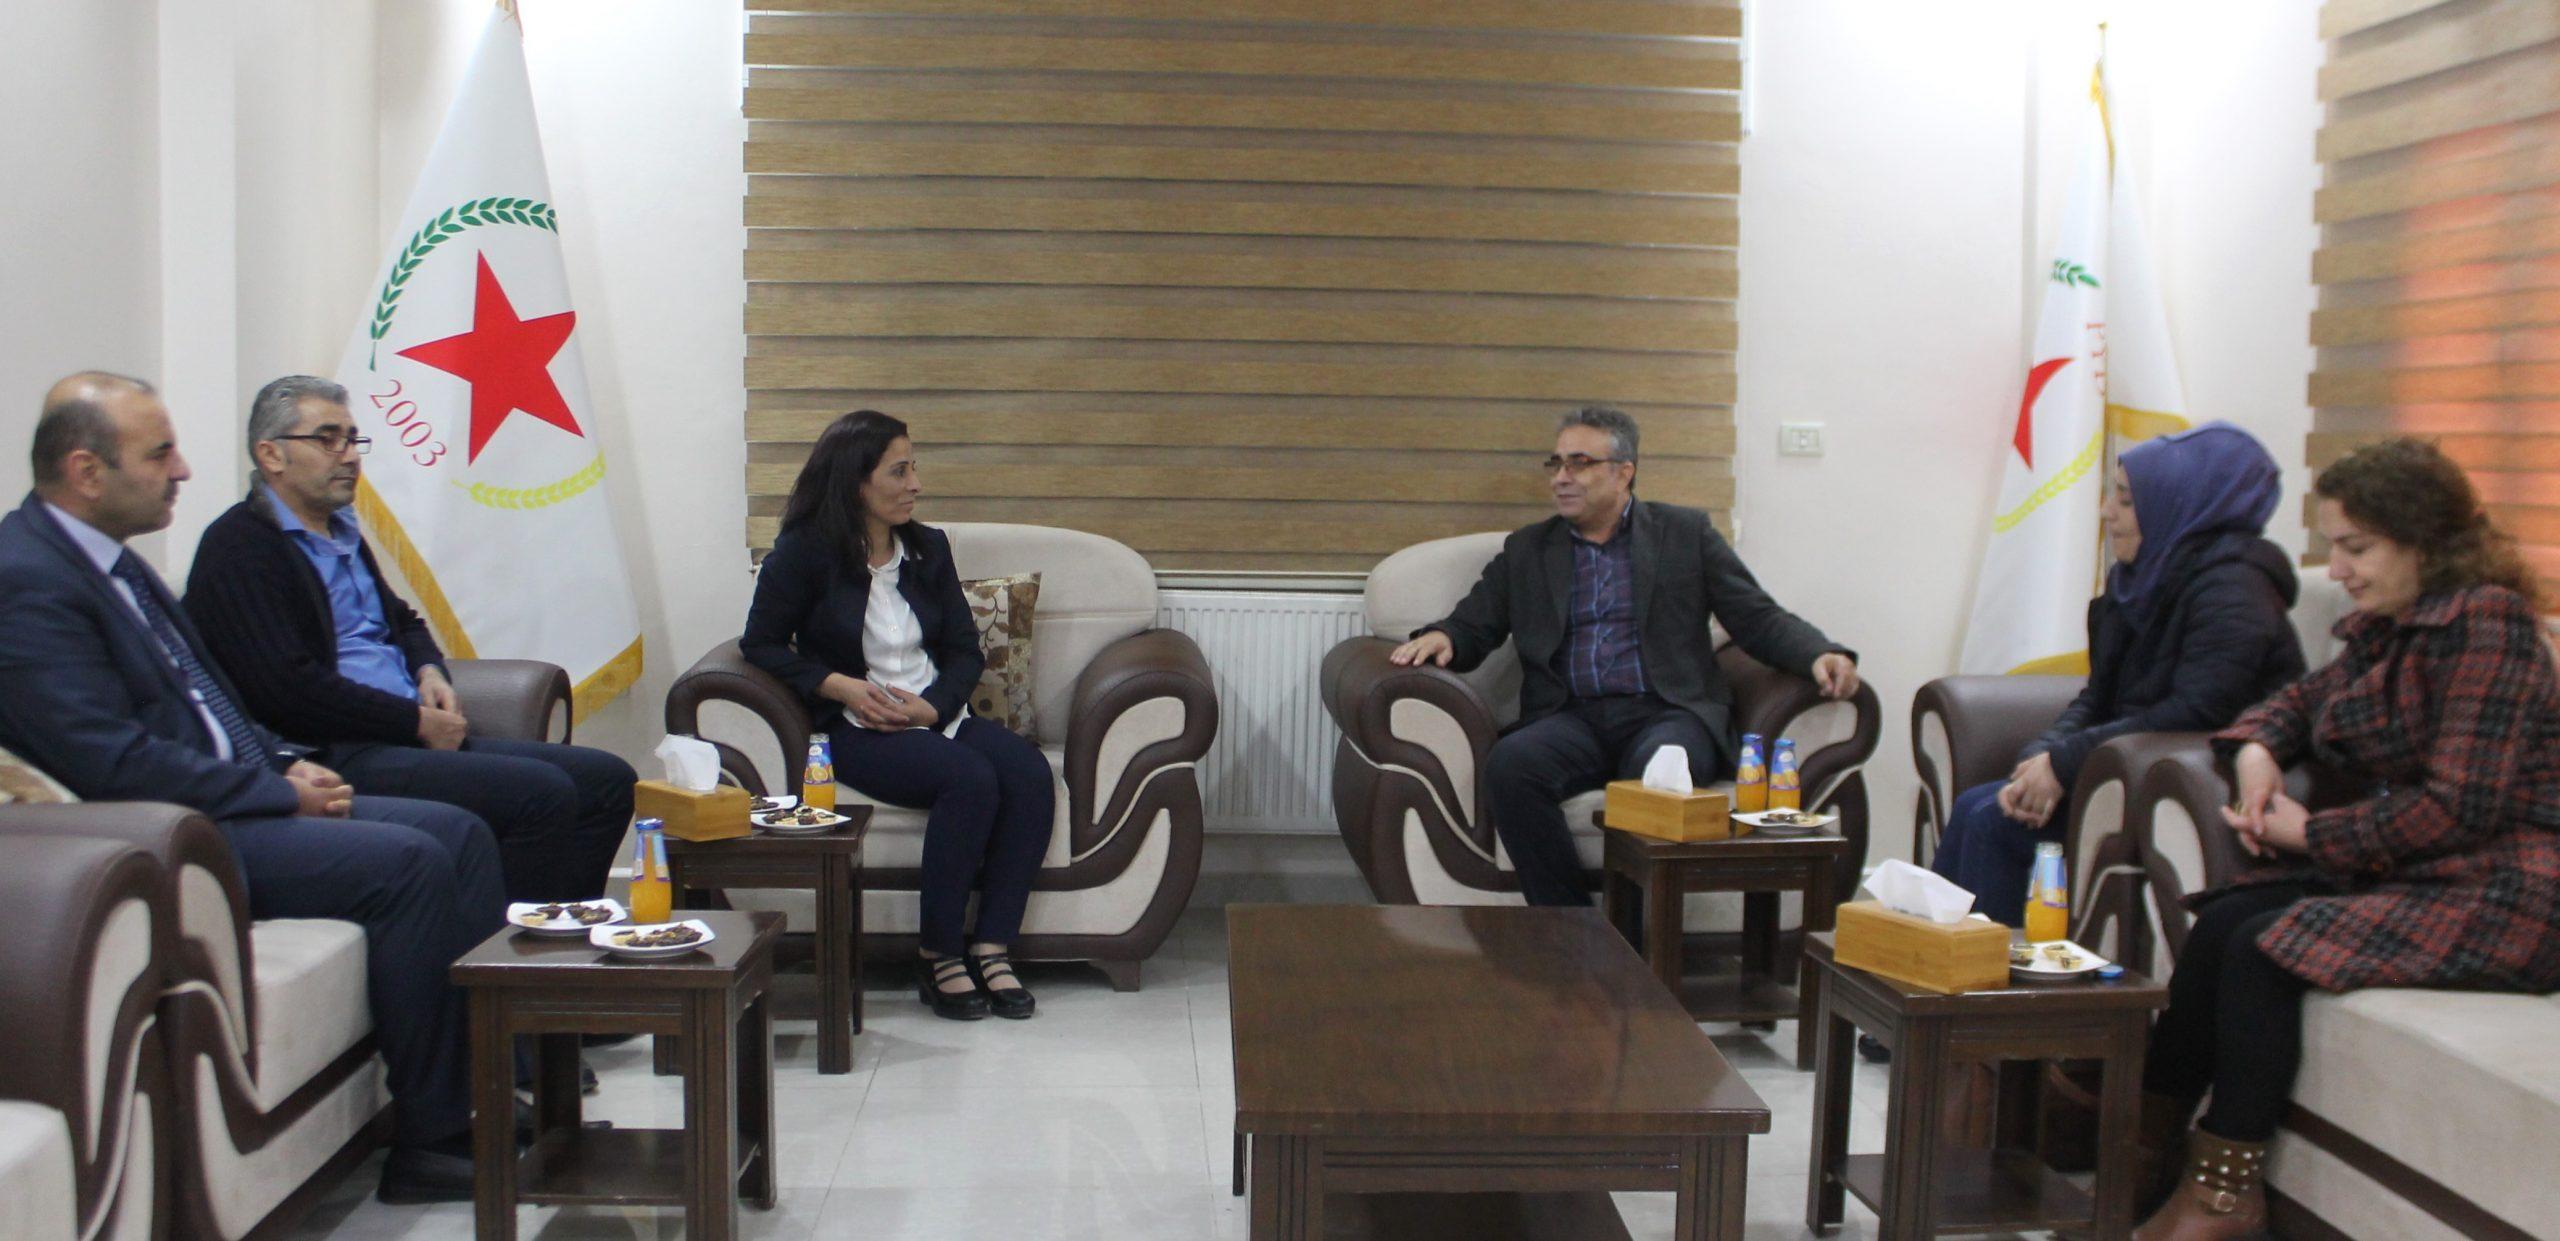 Photo of الخضر الكردستاني يهنئ الرئاسة المشتركة لحزبنا على انتخابهما في المؤتمر الثامن